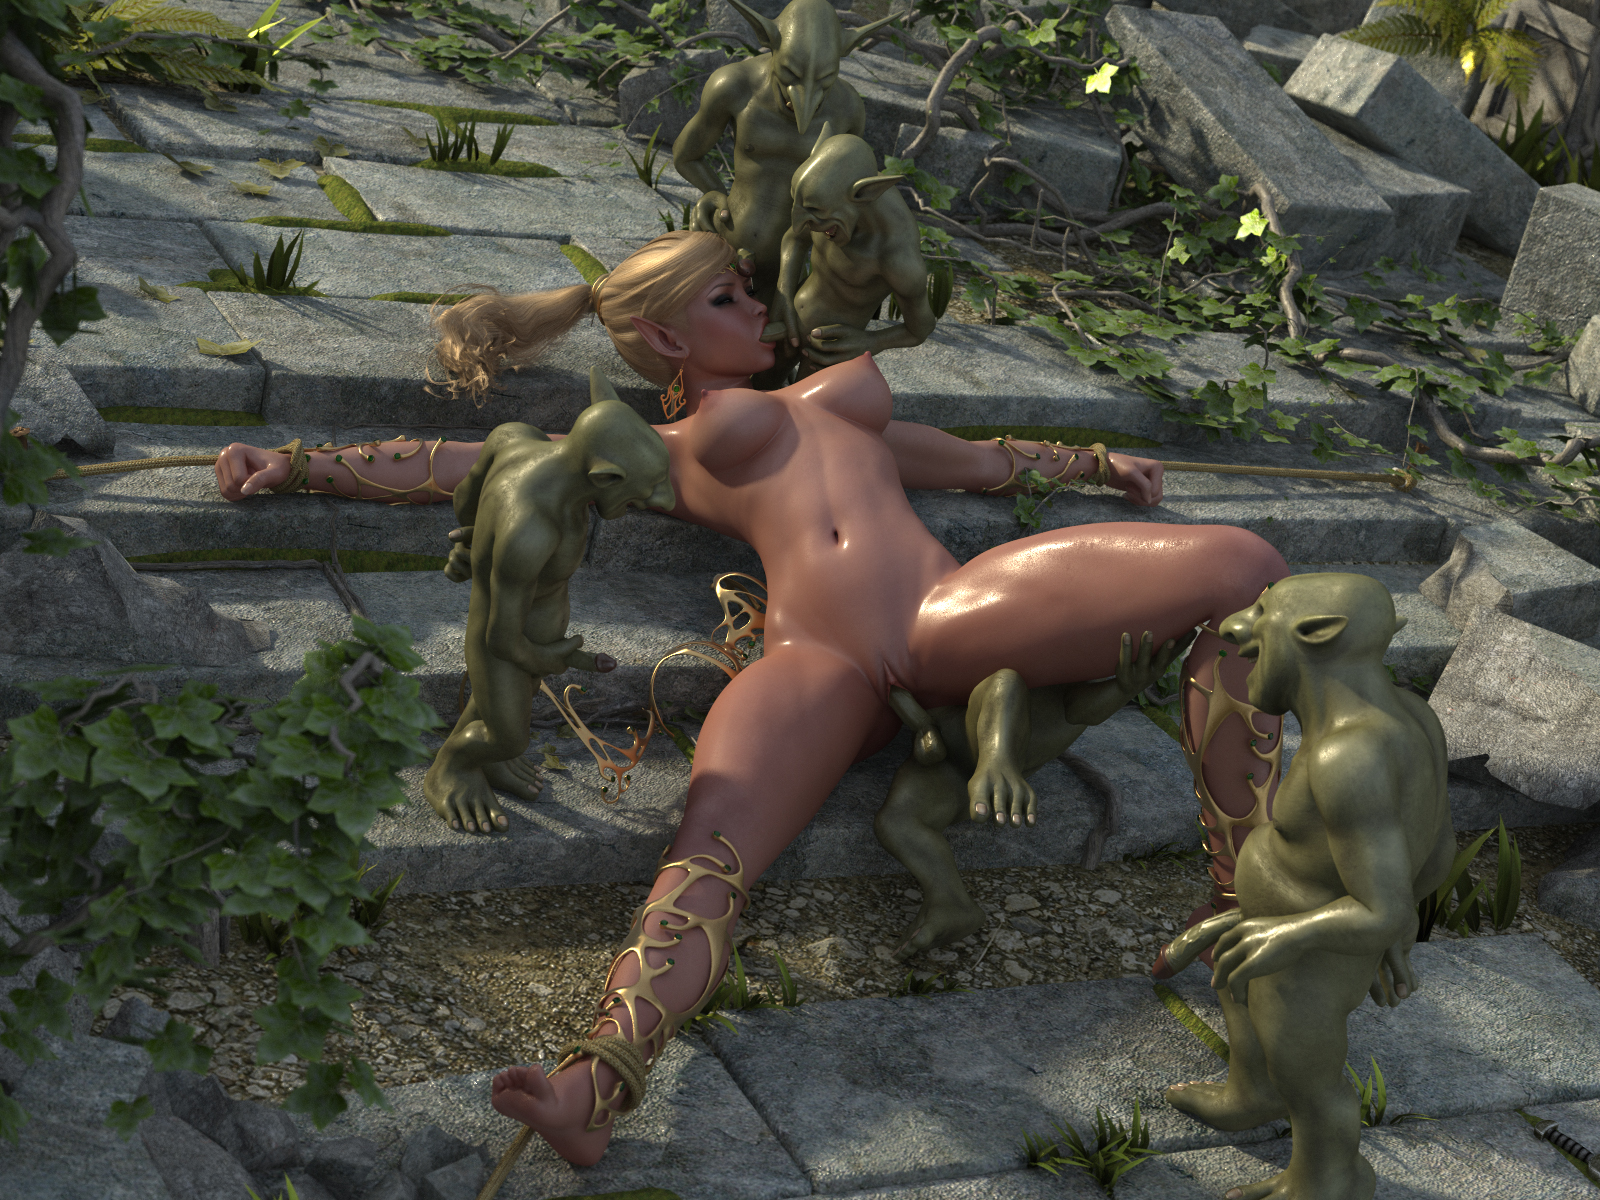 Sexhindigirlhd photo sexy comic